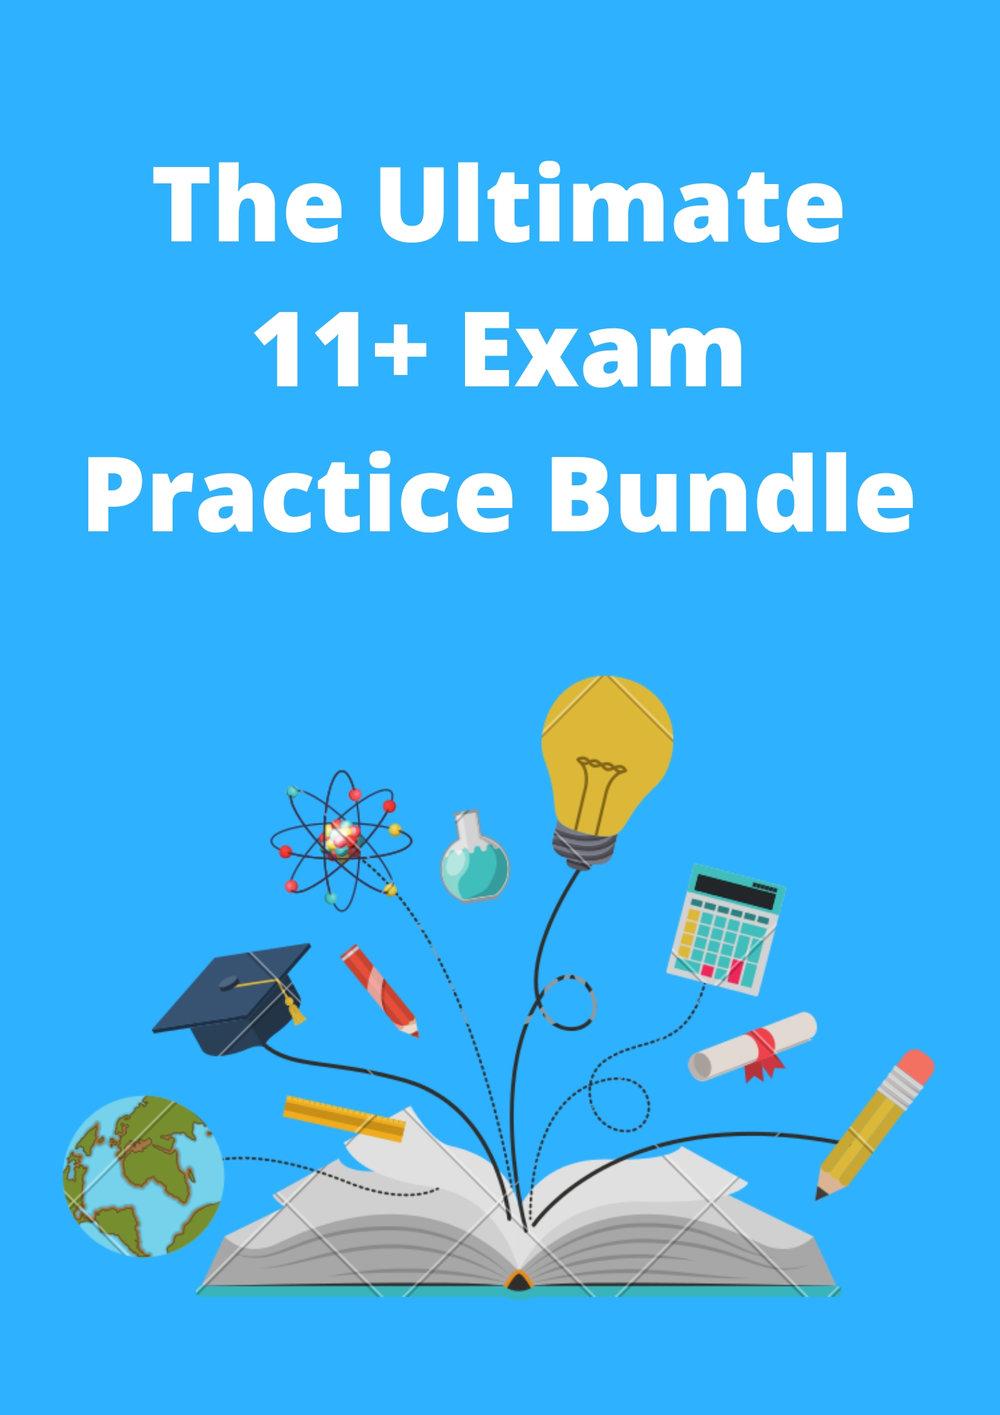 The Ultimate 11+ Bundle-3.jpg